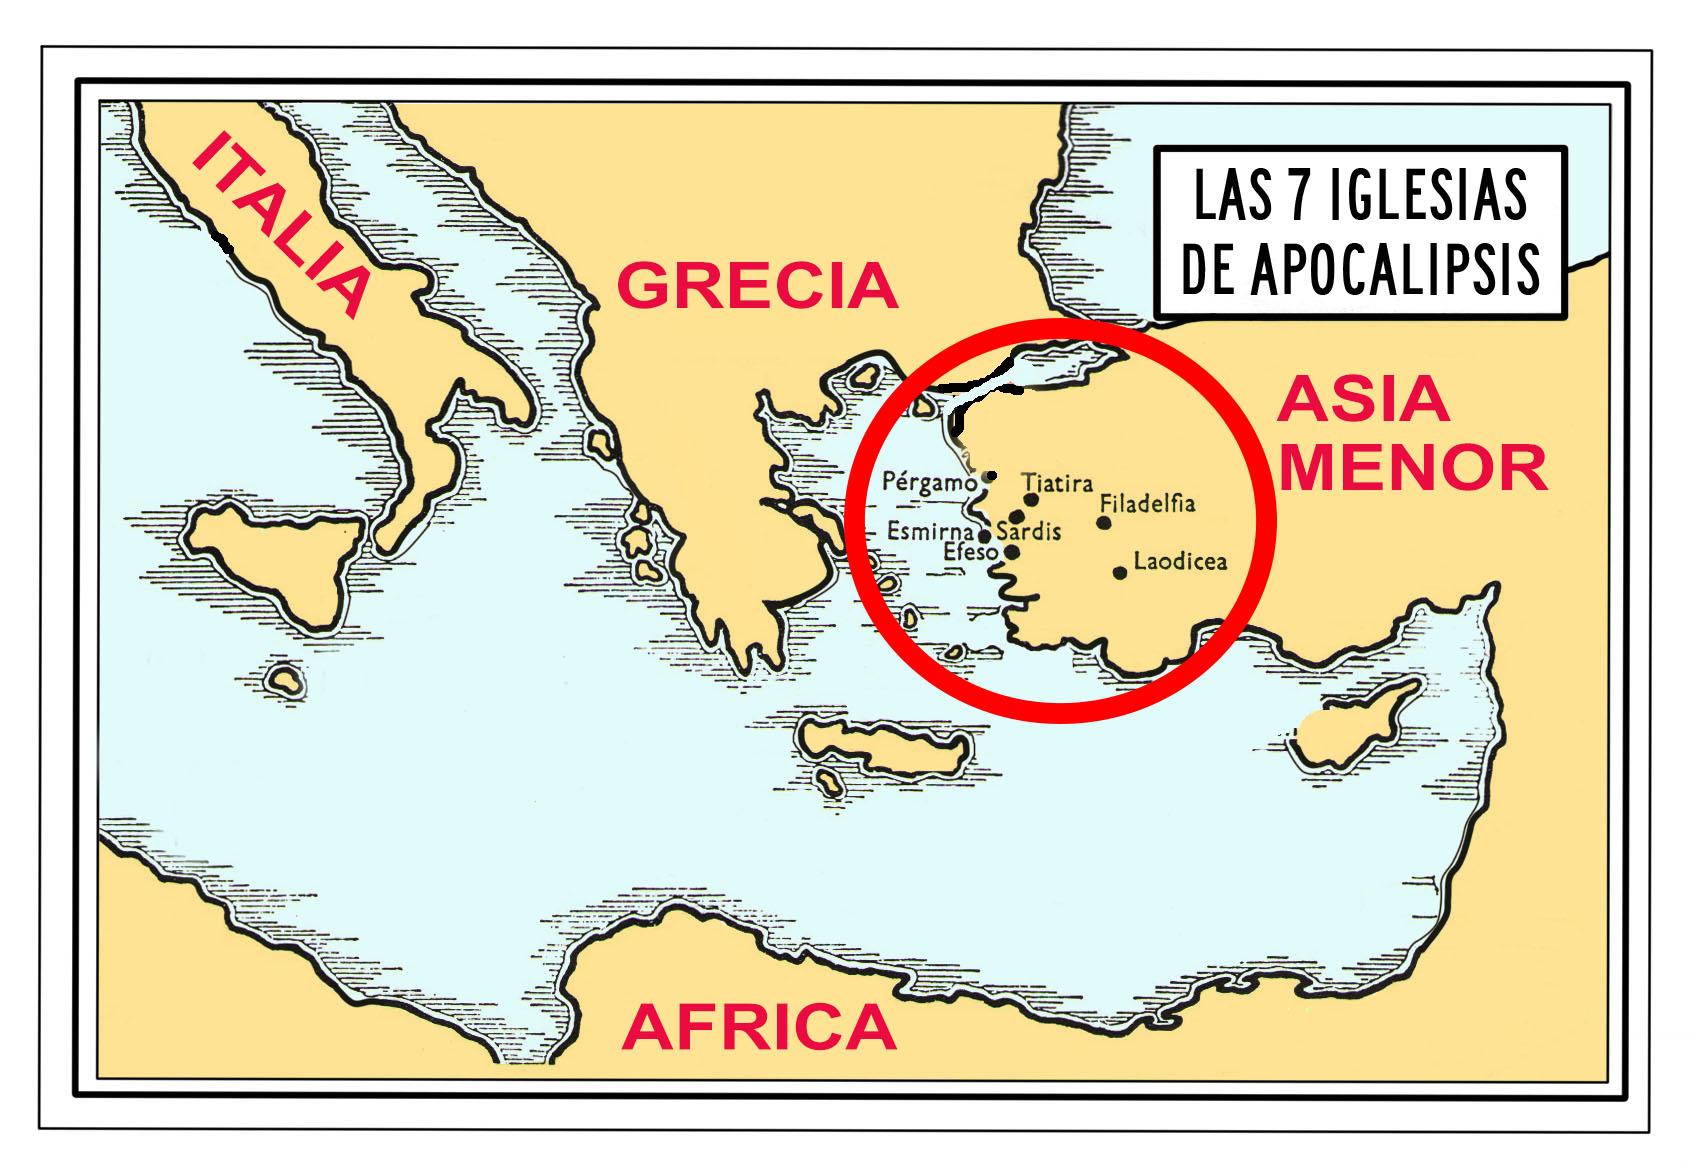 El Apocalipsis La Gran Ramera De Babilonia Y El Papa Apología 21